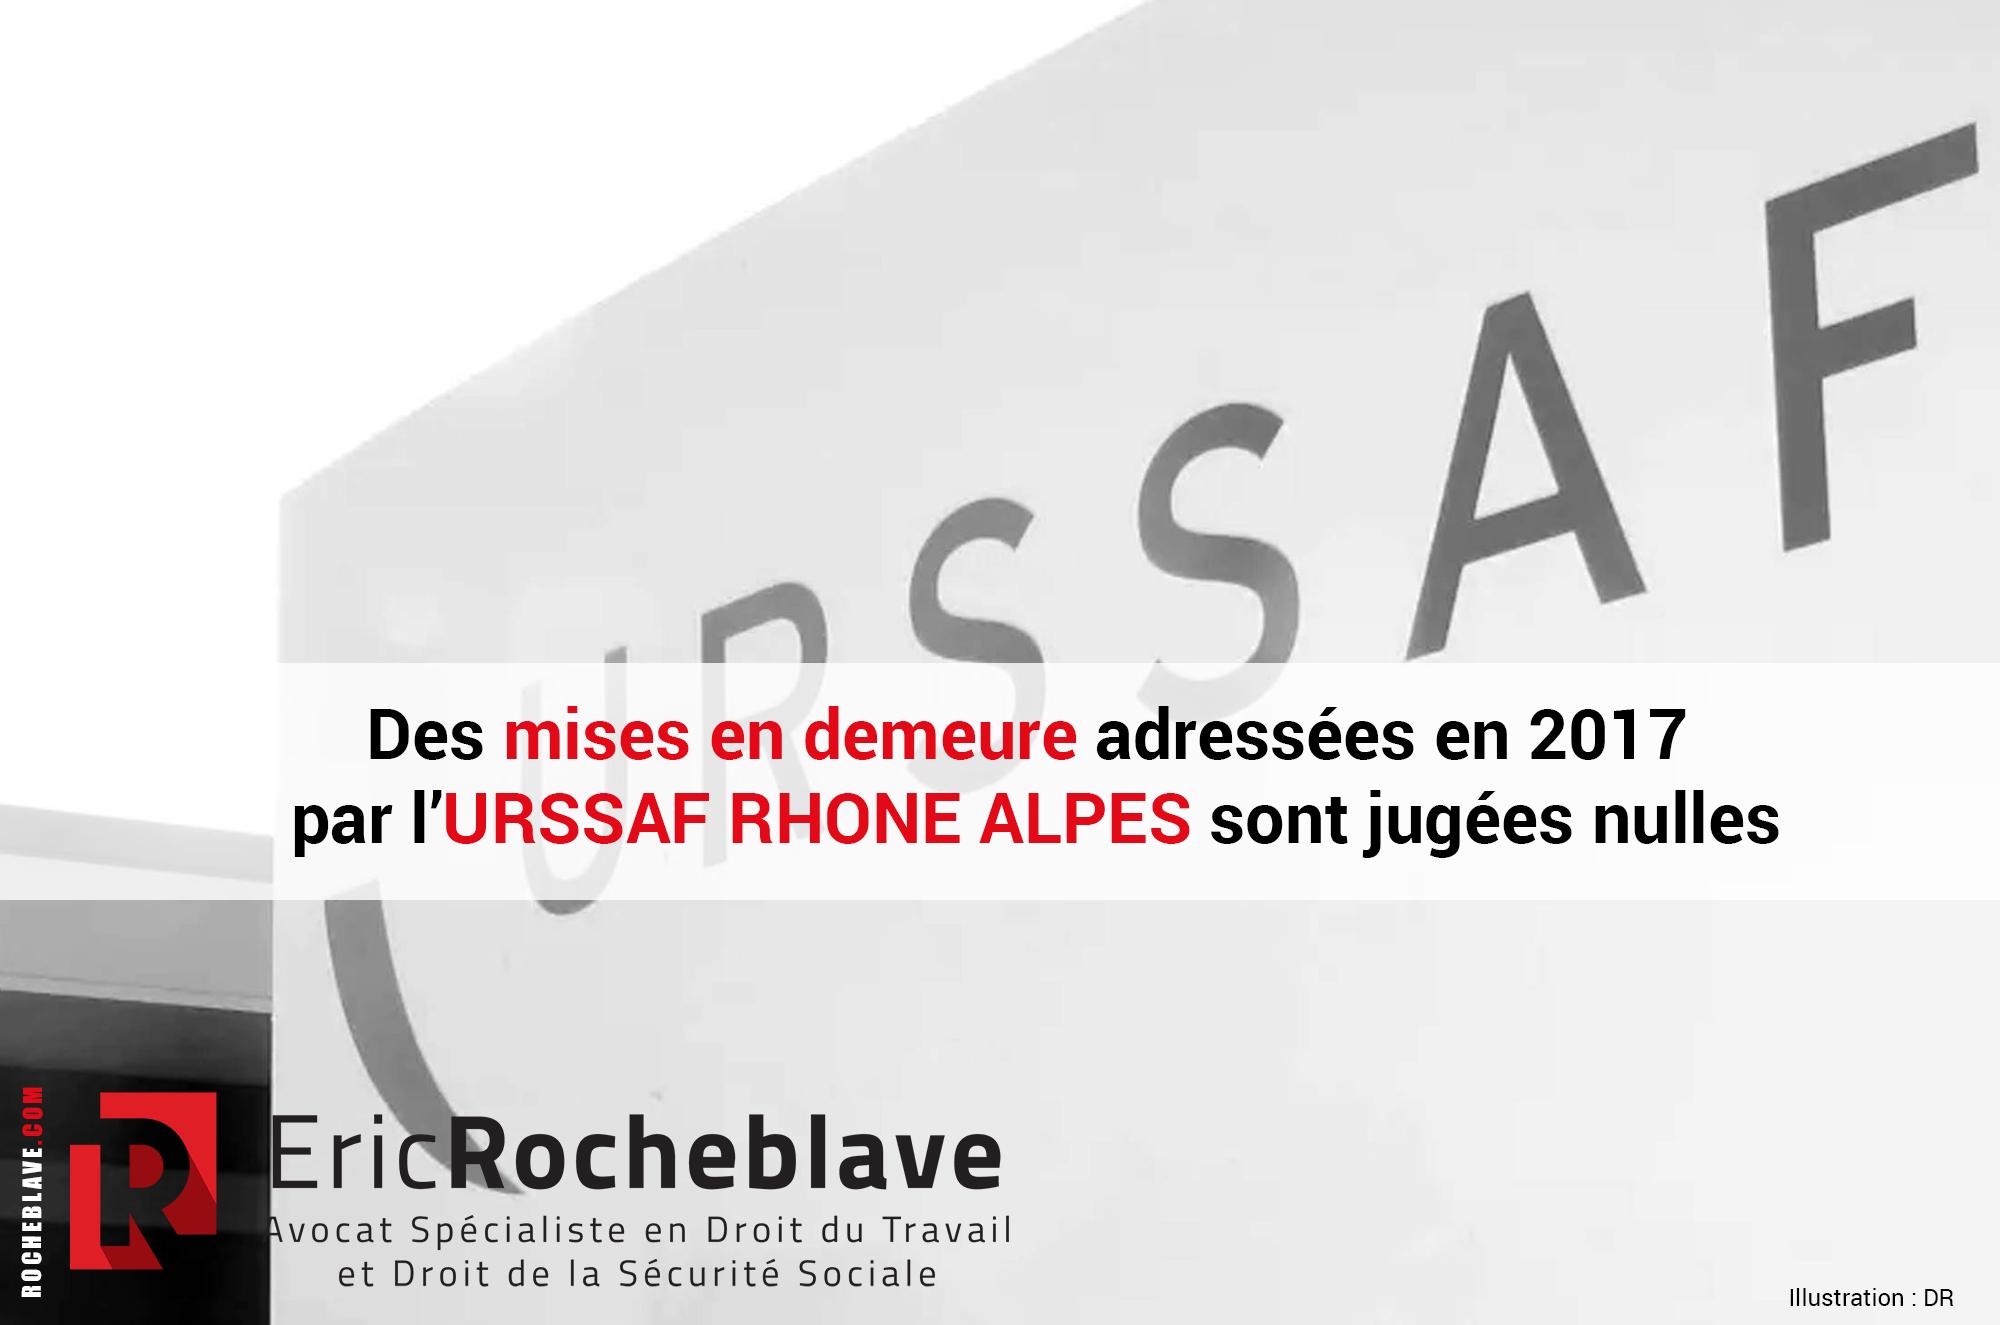 Des mises en demeure adressées en 2017 par l'URSSAF RHÔNE ALPES sont jugées nulles